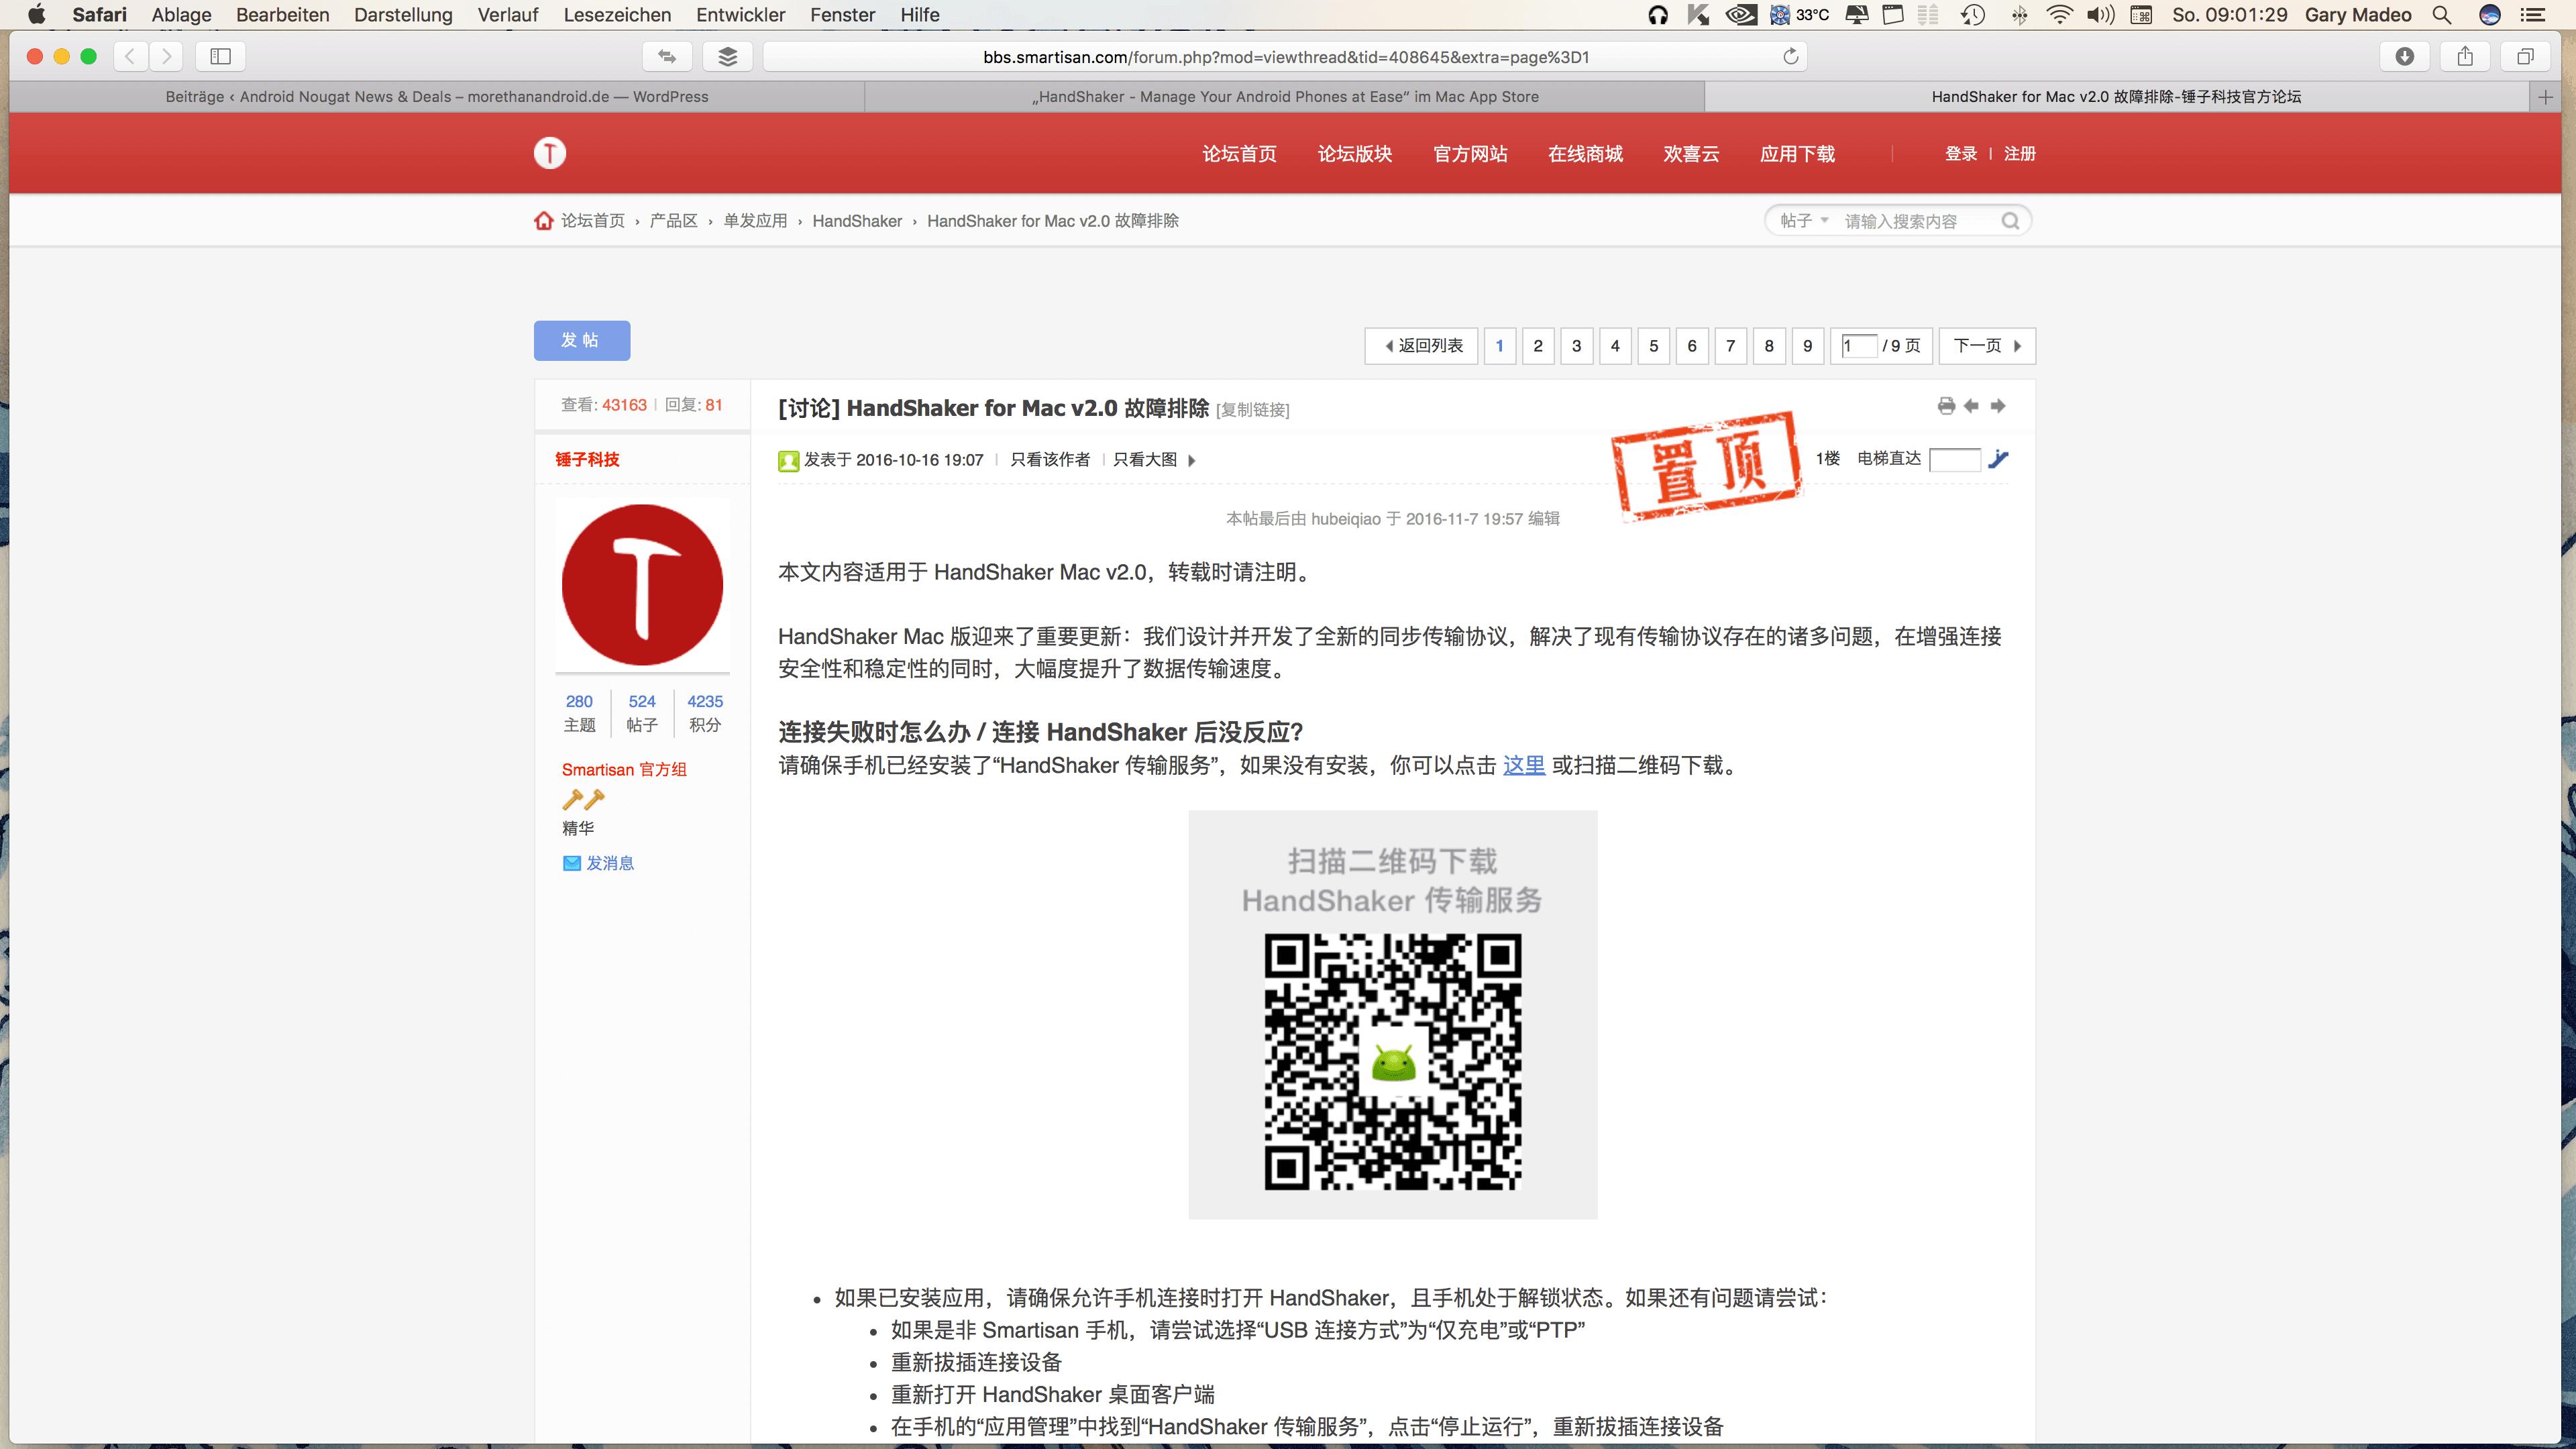 HandShaker 2.0 (Mac) funktioniert viel besser als Android File Transfer